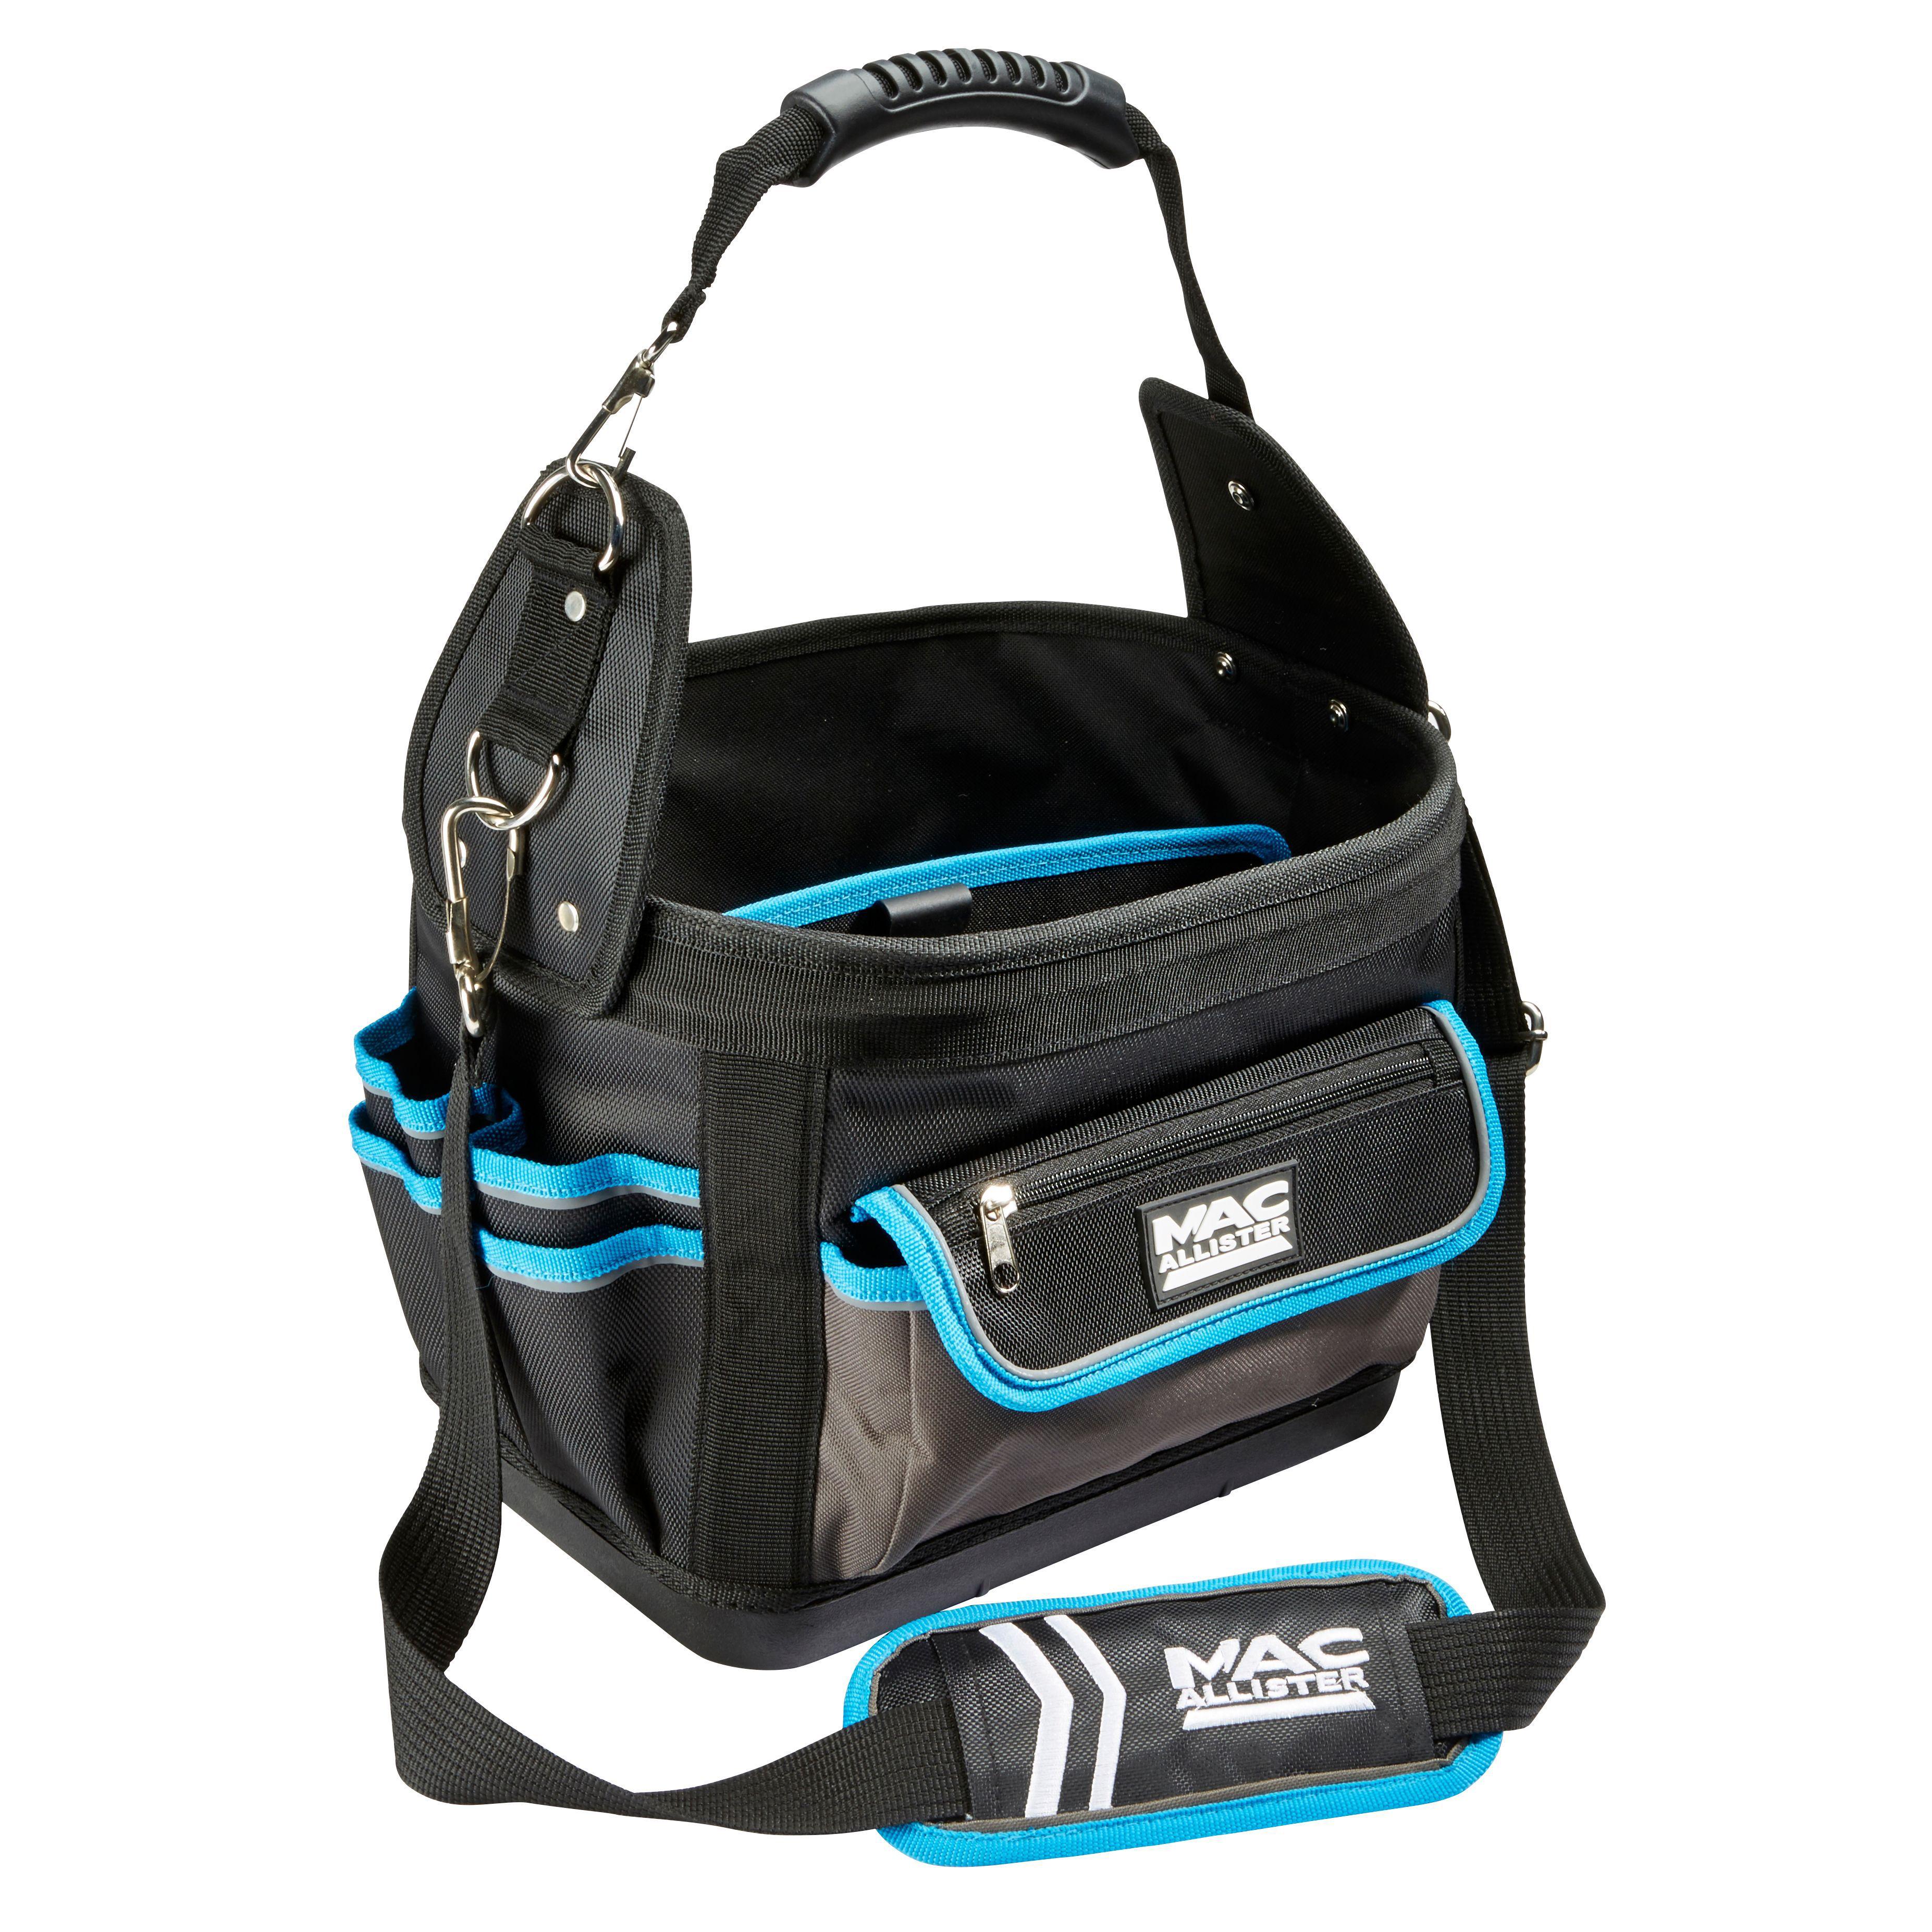 Mac Allister 13 Quot Tool Bag Departments Diy At B Amp Q